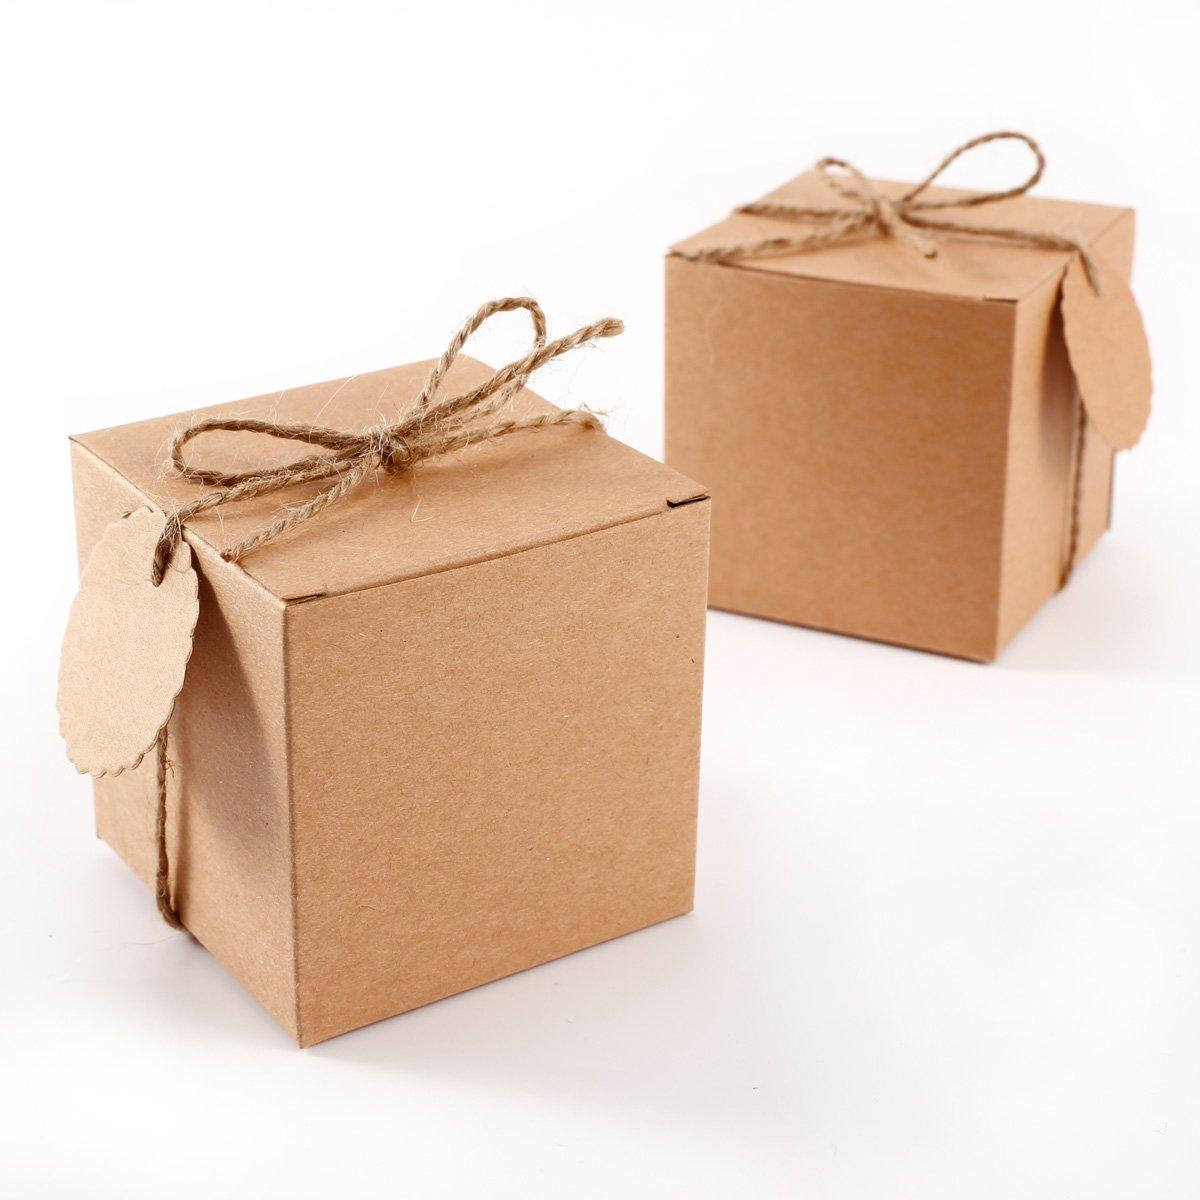 SurePromise 50x Boîte à dragées Kraft 7cm+ Cordon Jute étiquette Bonbonnière Faveur Cadeau Générique